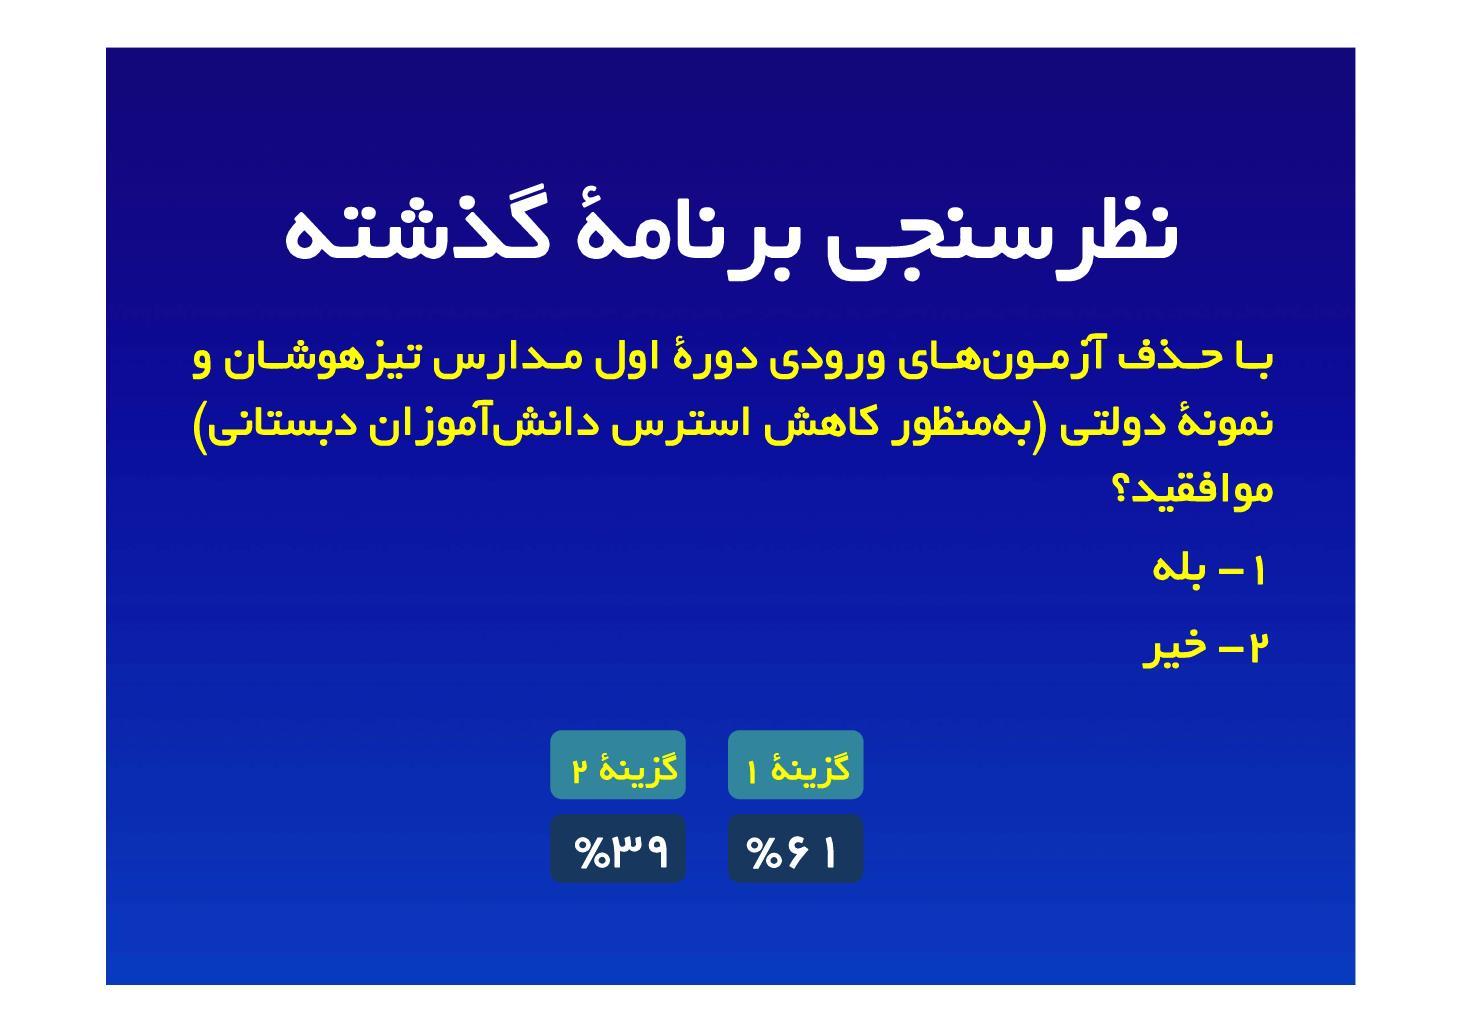 گزینه جوان / 3 اسفند : ارزشيابی پیشرفت تحصیلی  - ویژه دوره اول متوسطه  (PDF)